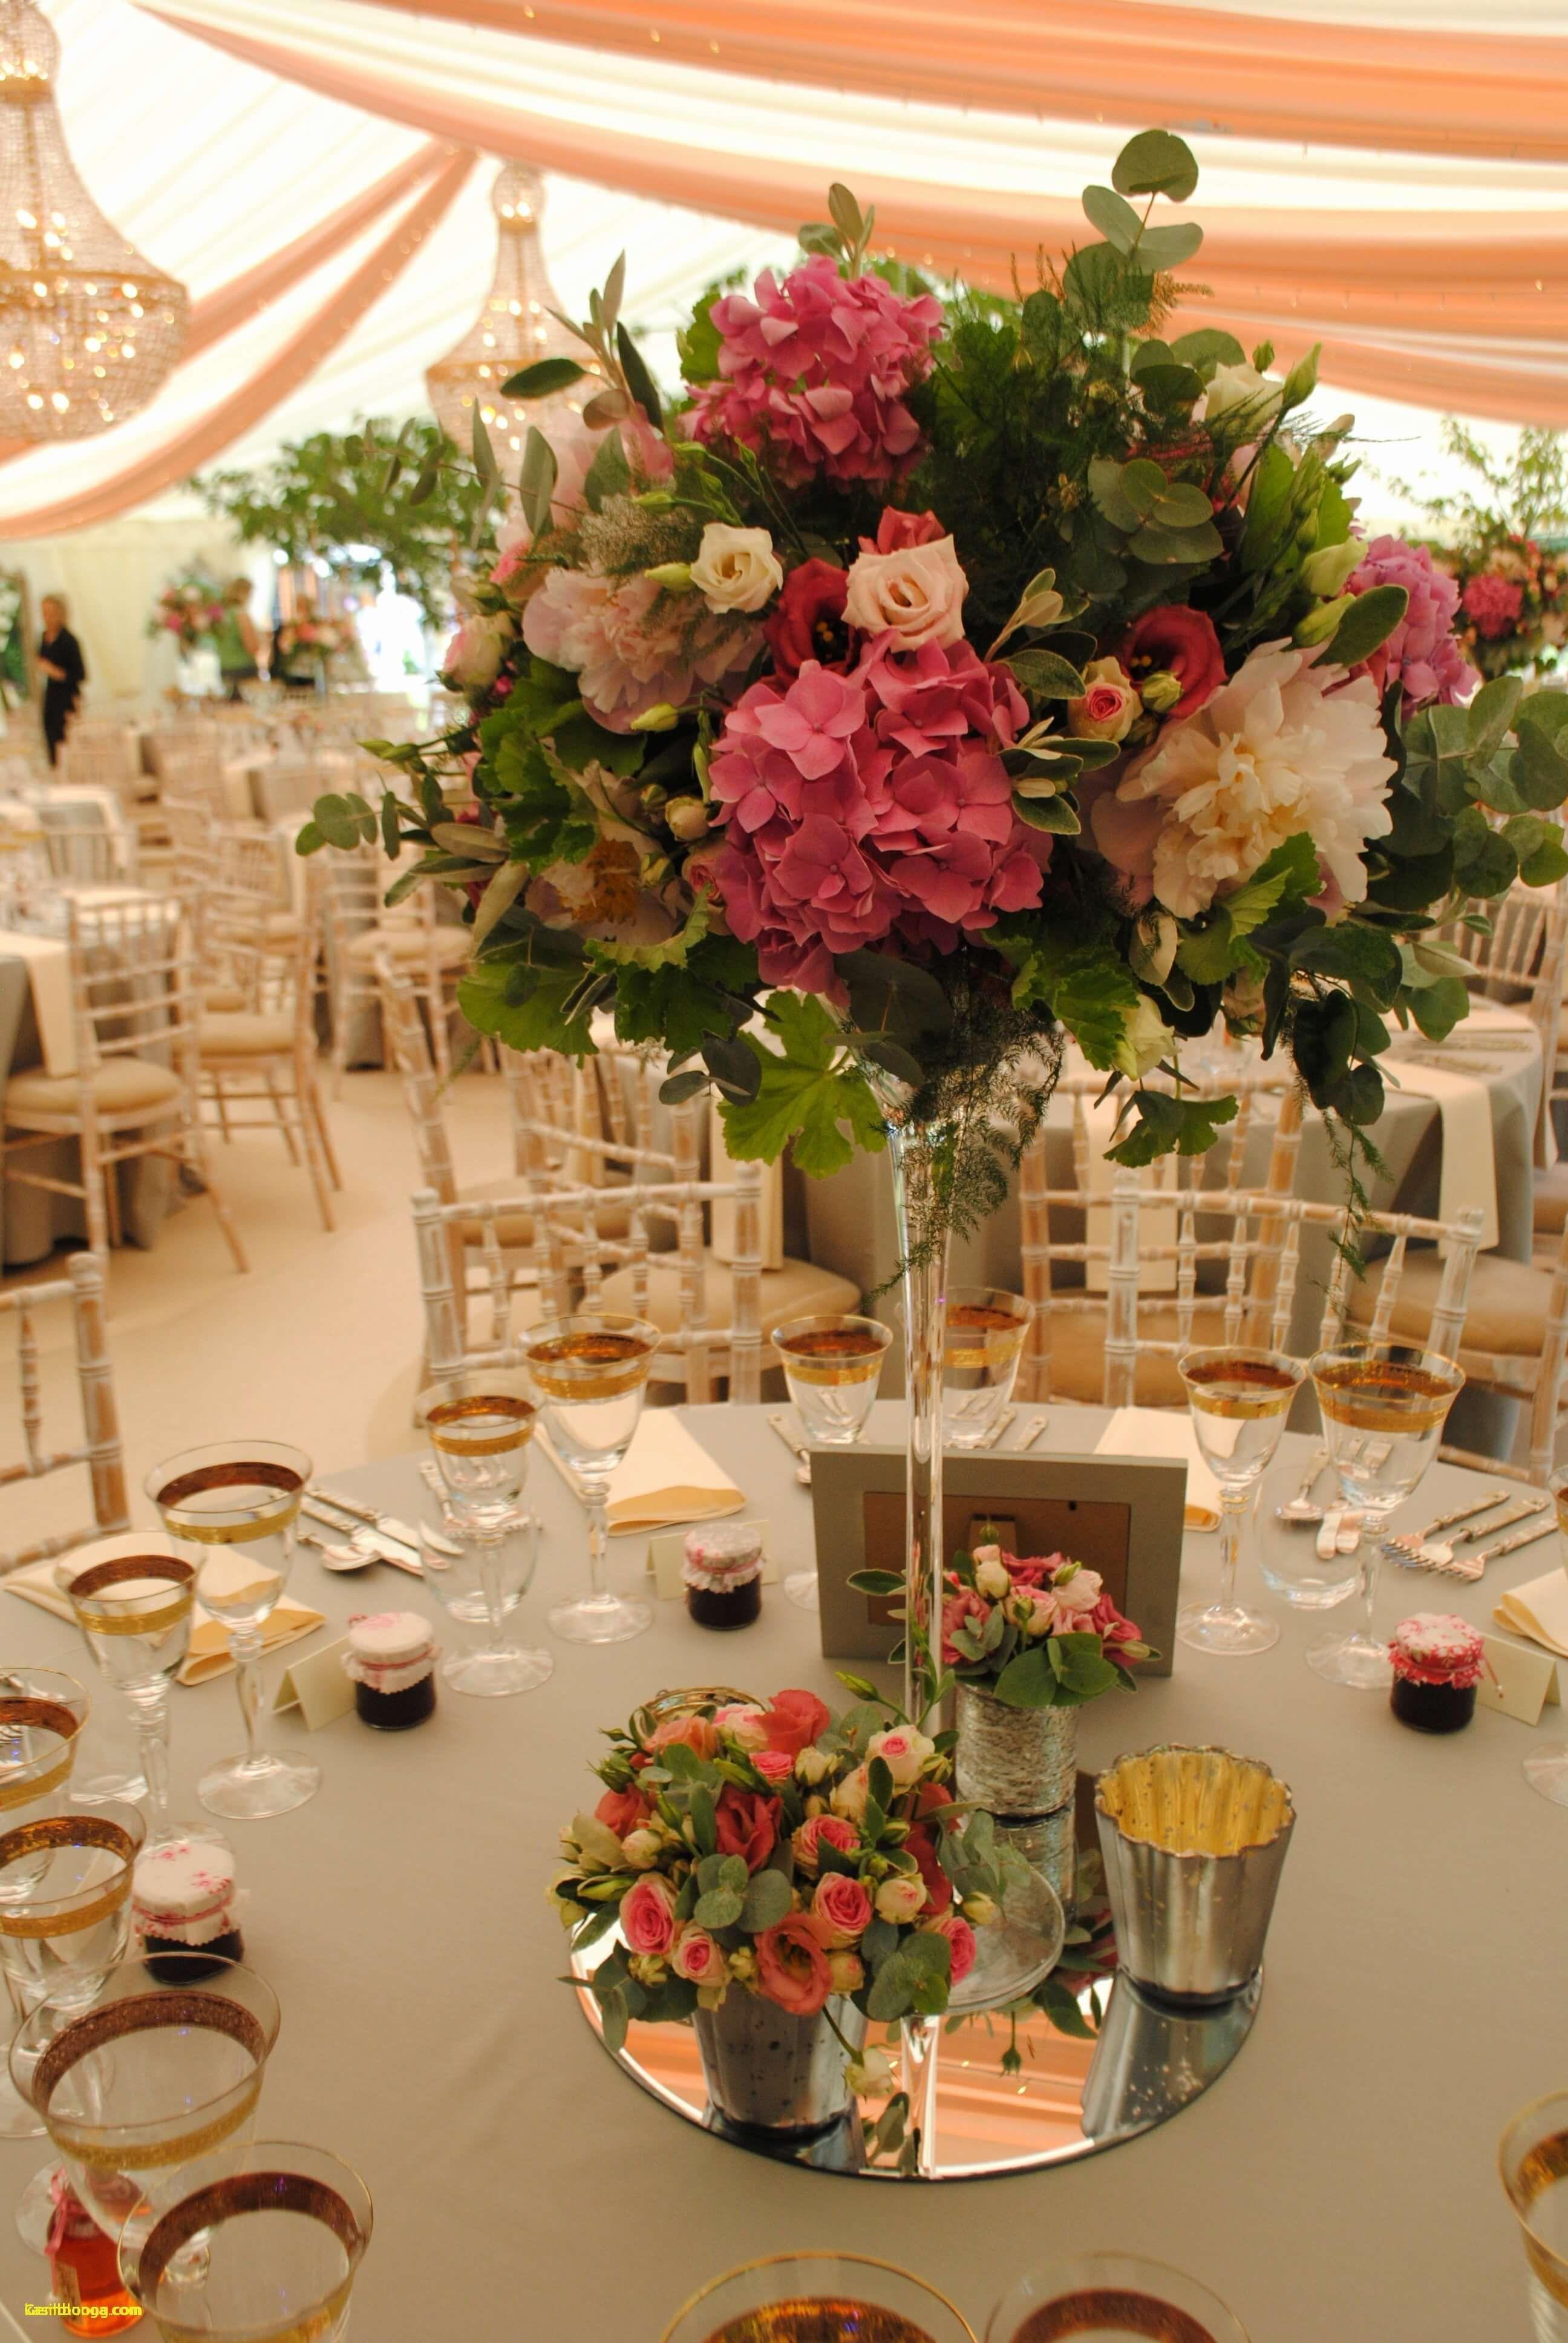 Best Beautiful As Well As Elegant Diy Wedding Decorations Ideas Wedding Decor Elegant Wedding Table Decorations Bridal Table Decorations